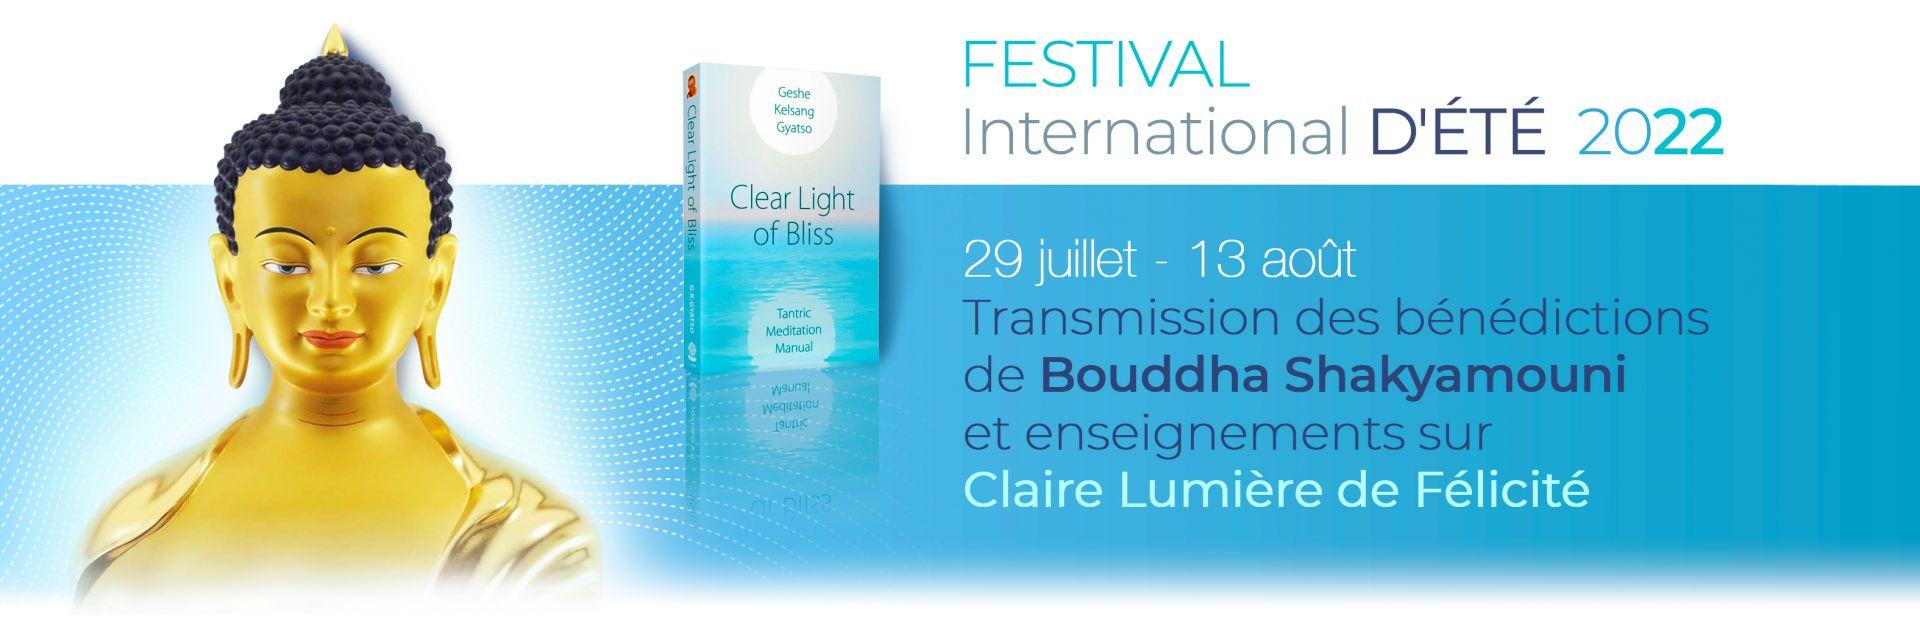 Banner-SUMMER-Festival-22-FRENCH